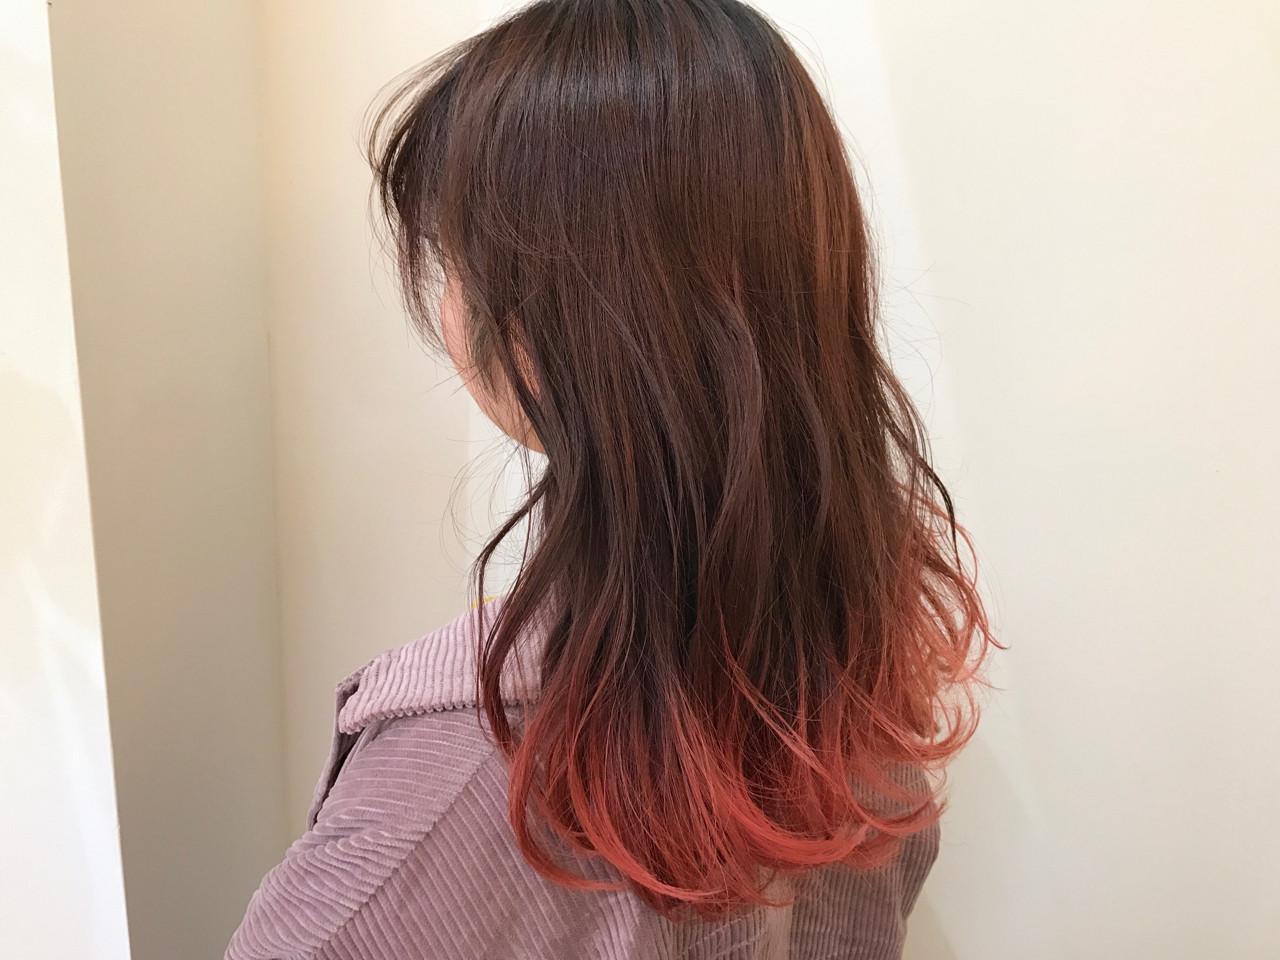 フェミニン ダブルカラー ピンク ハイトーン ヘアスタイルや髪型の写真・画像